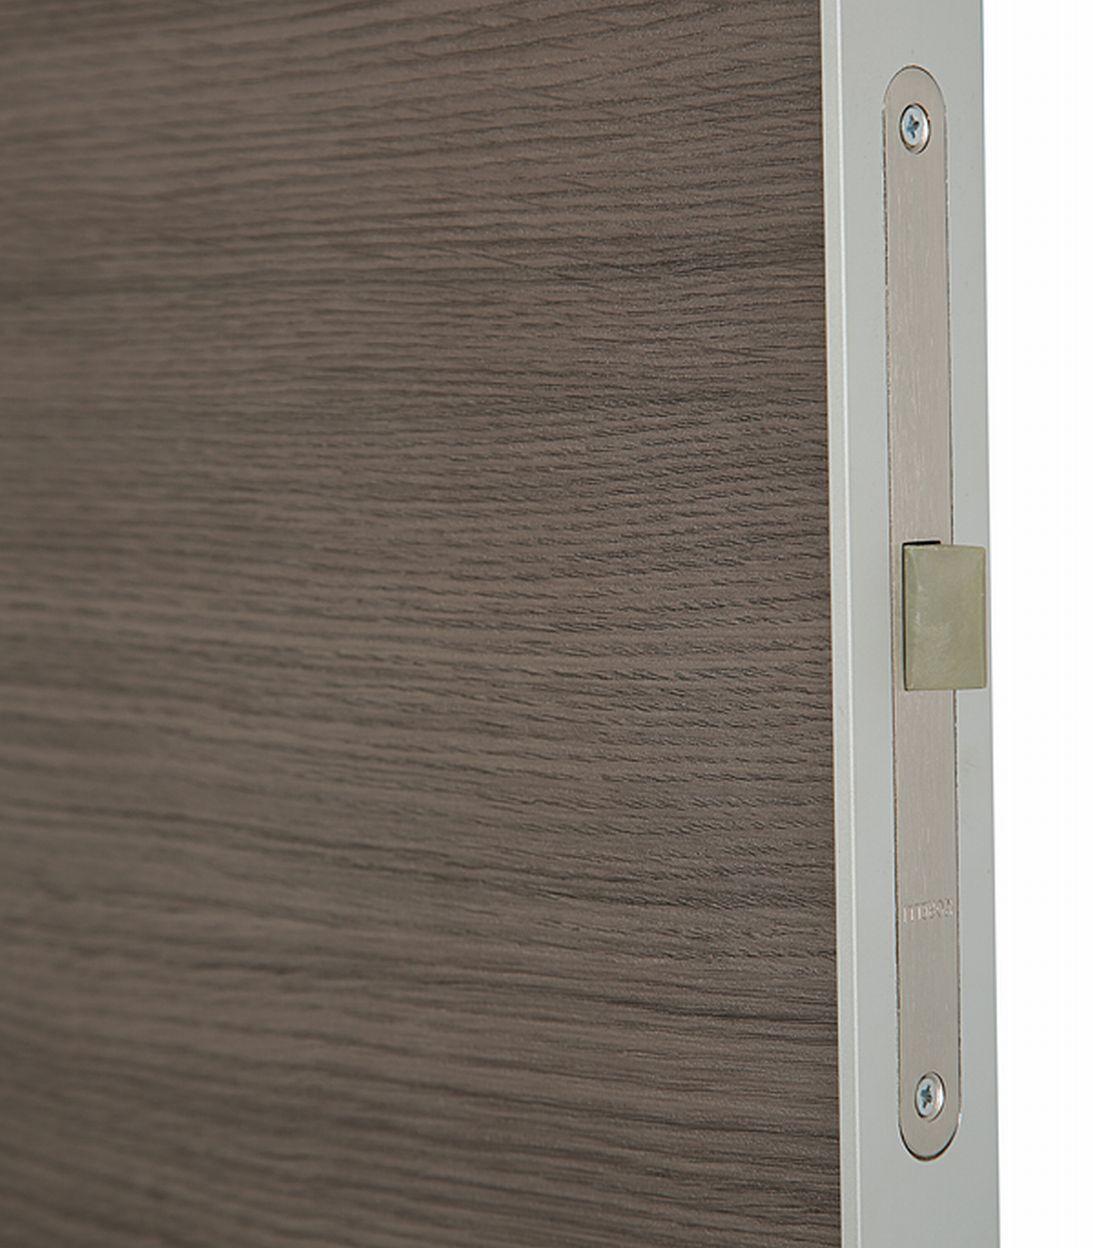 Дверное полотно VellDoris TECHNO дуб неаполь поперечный глухое экошпон 600x2000 мм фото